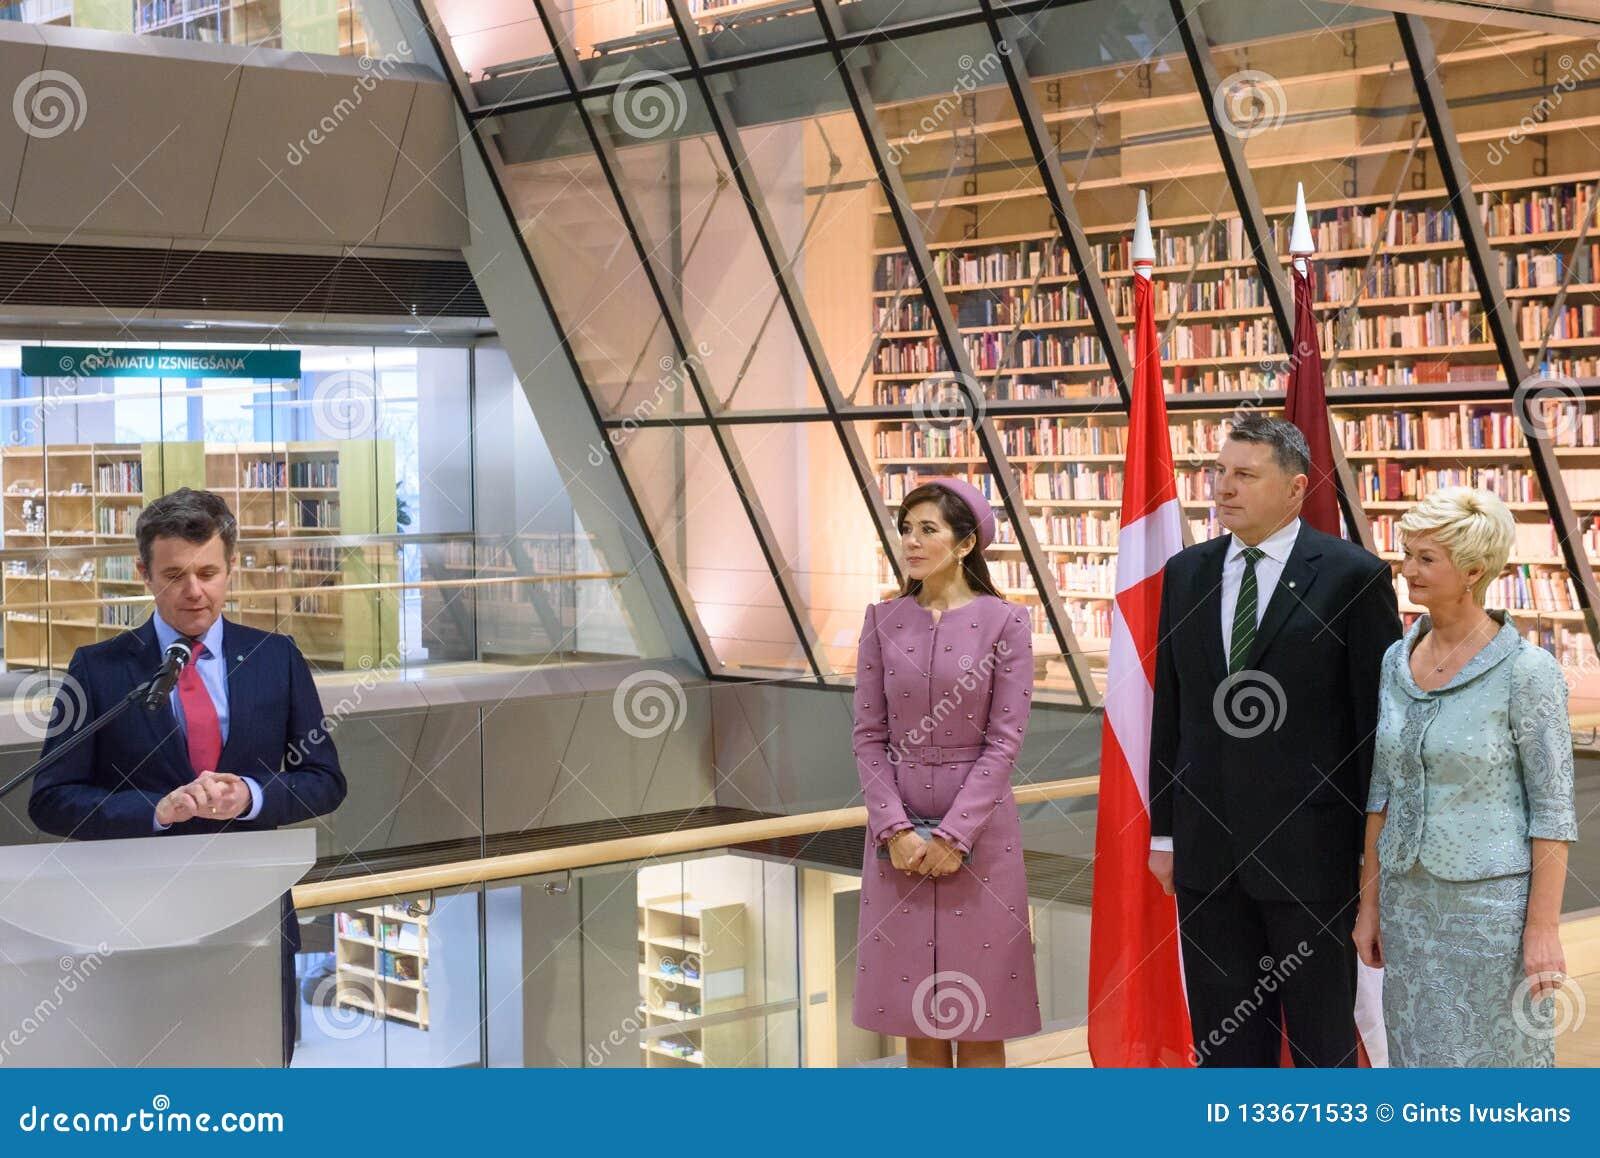 丹麦弗雷德里克讲话的皇太子,在拉脱维亚的国立图书馆的事件期间